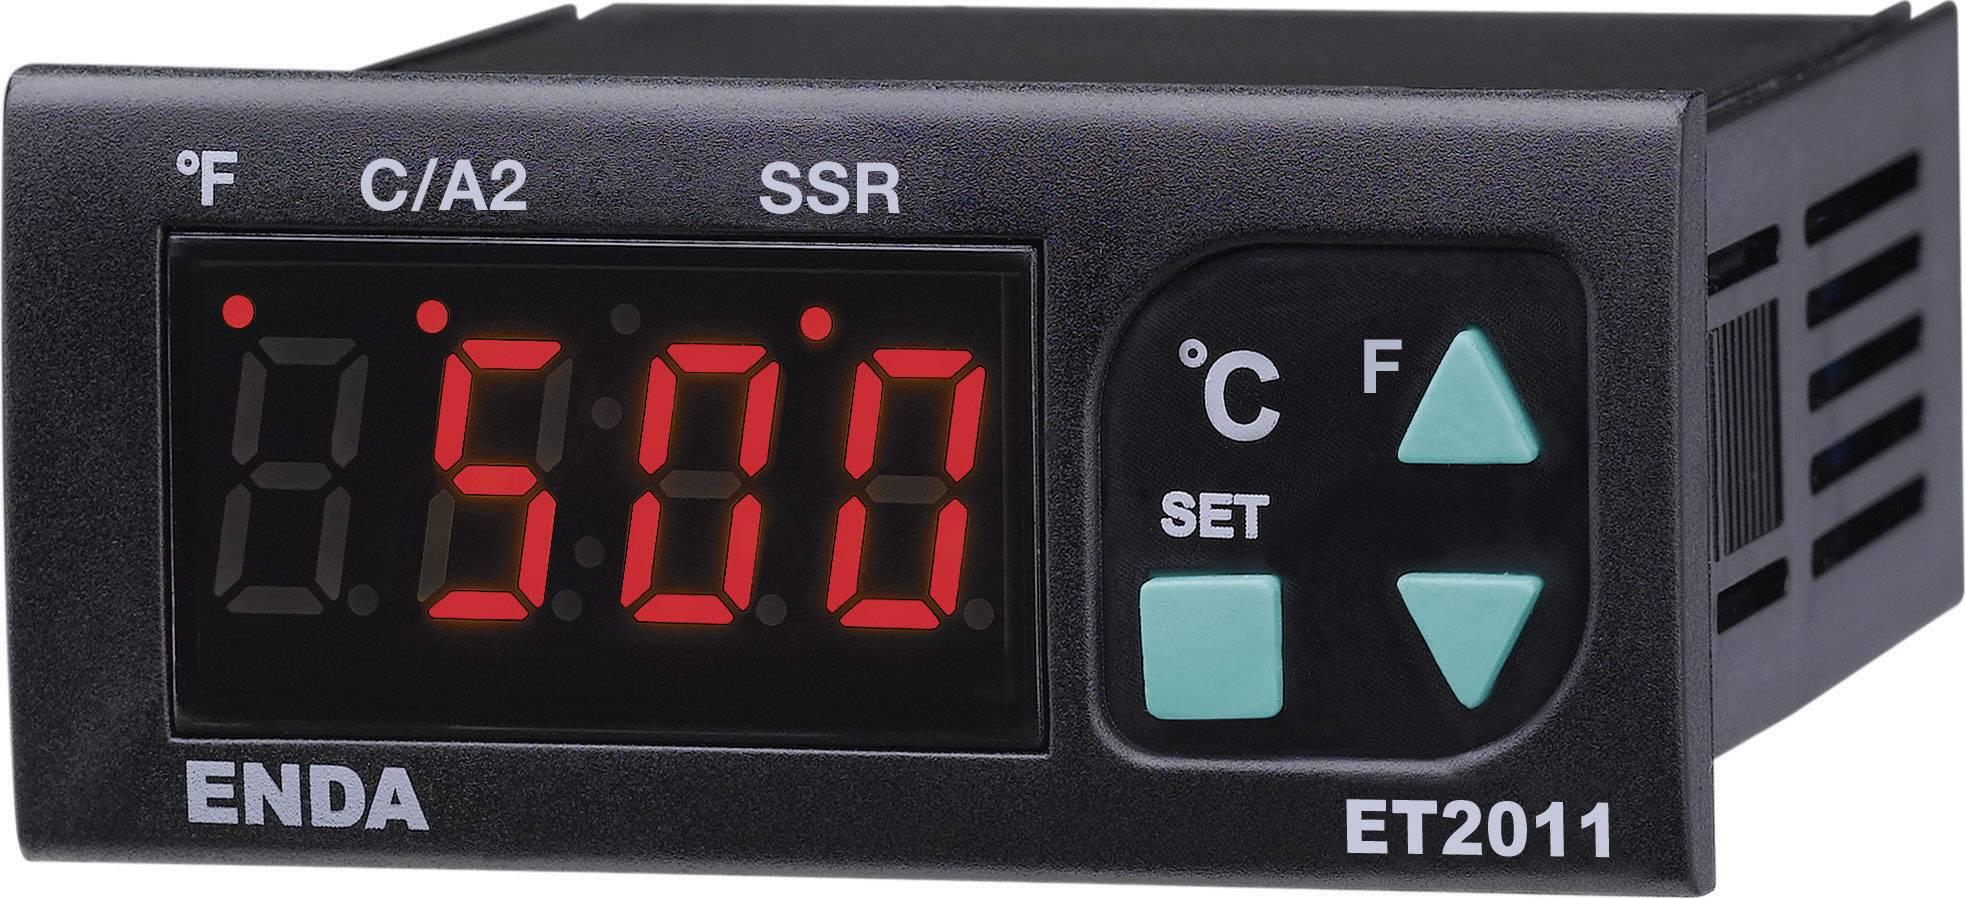 Termostat Enda ET2011-RT-230, druh čidla Pt100, -100 do +600 °C